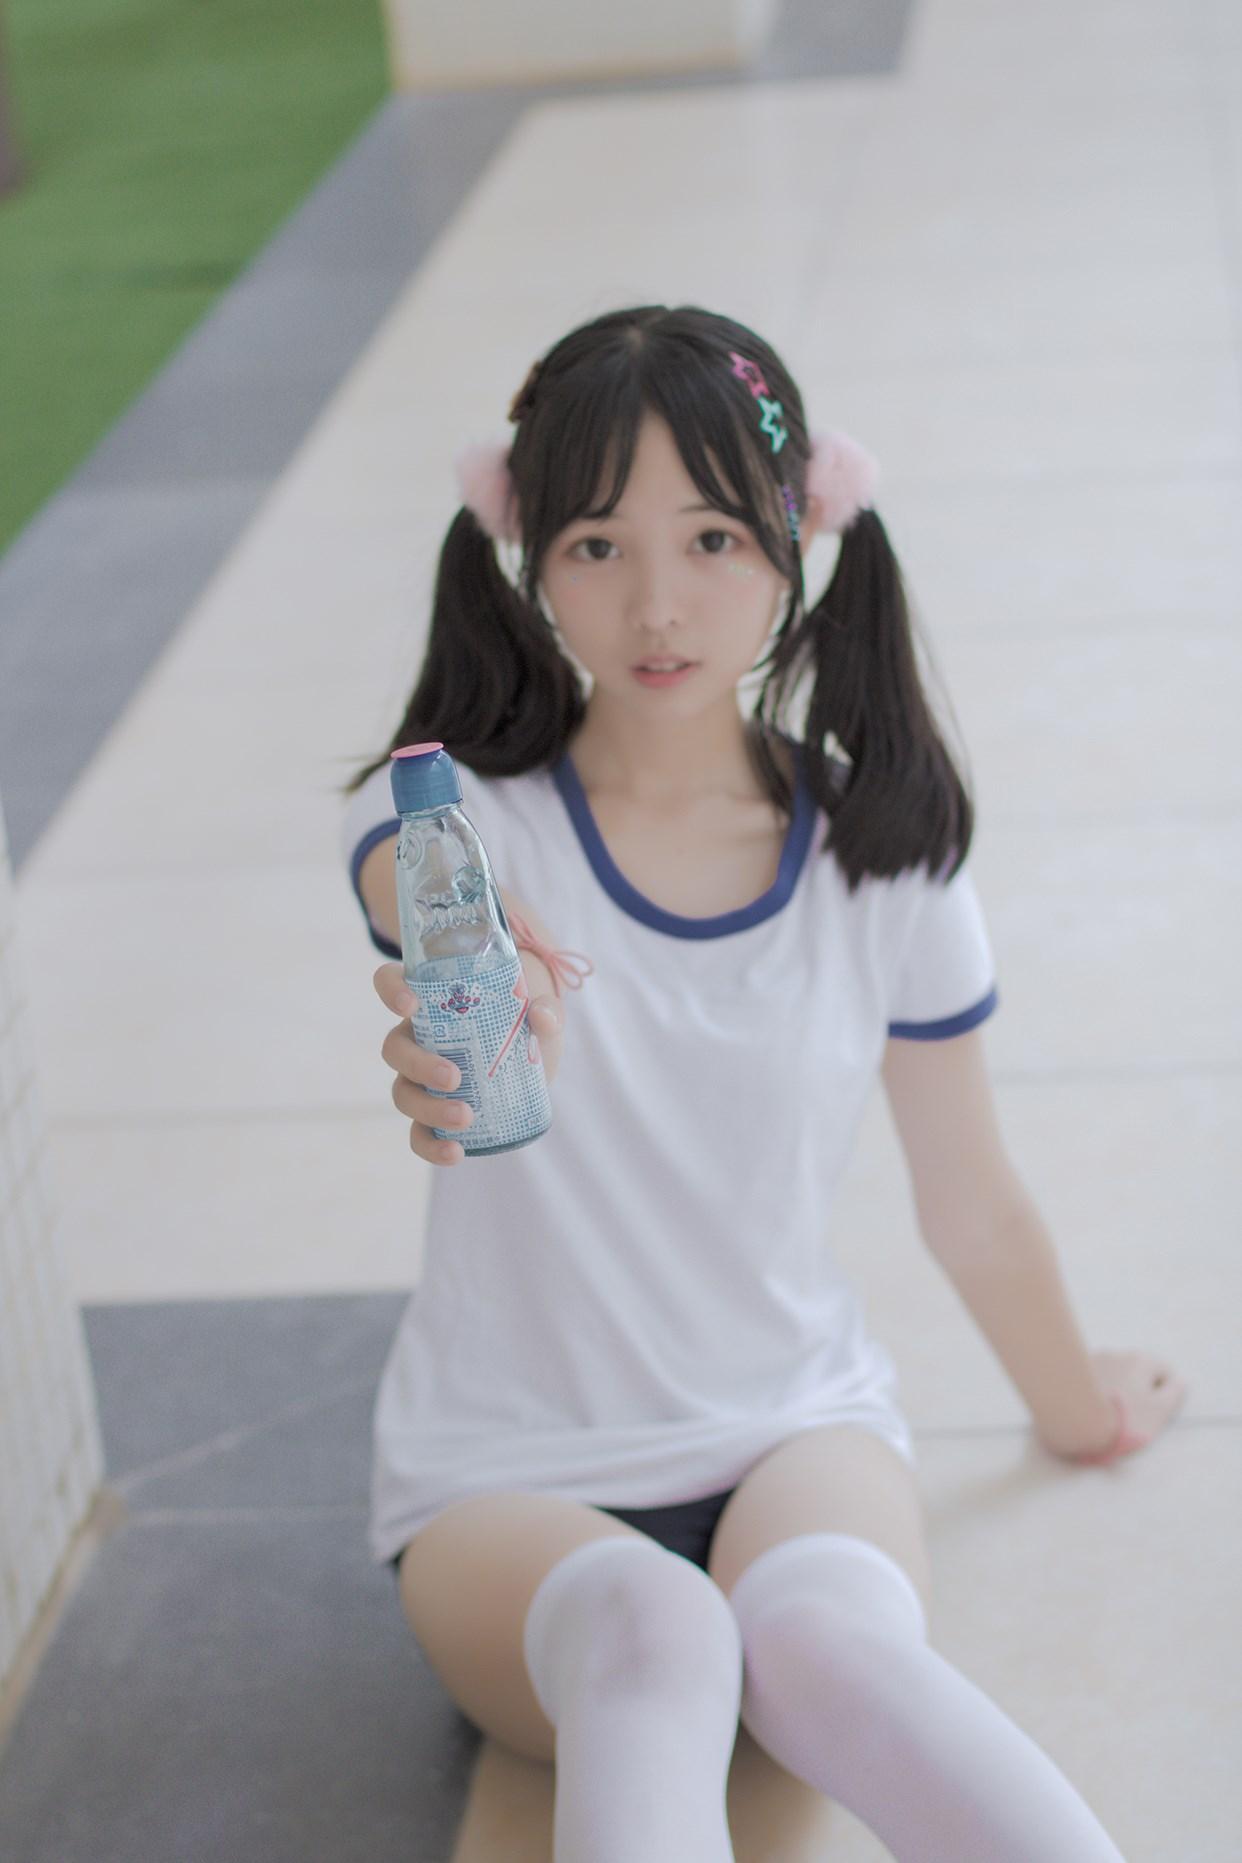 【兔玩映画】萝莉的体操服 兔玩映画 第25张